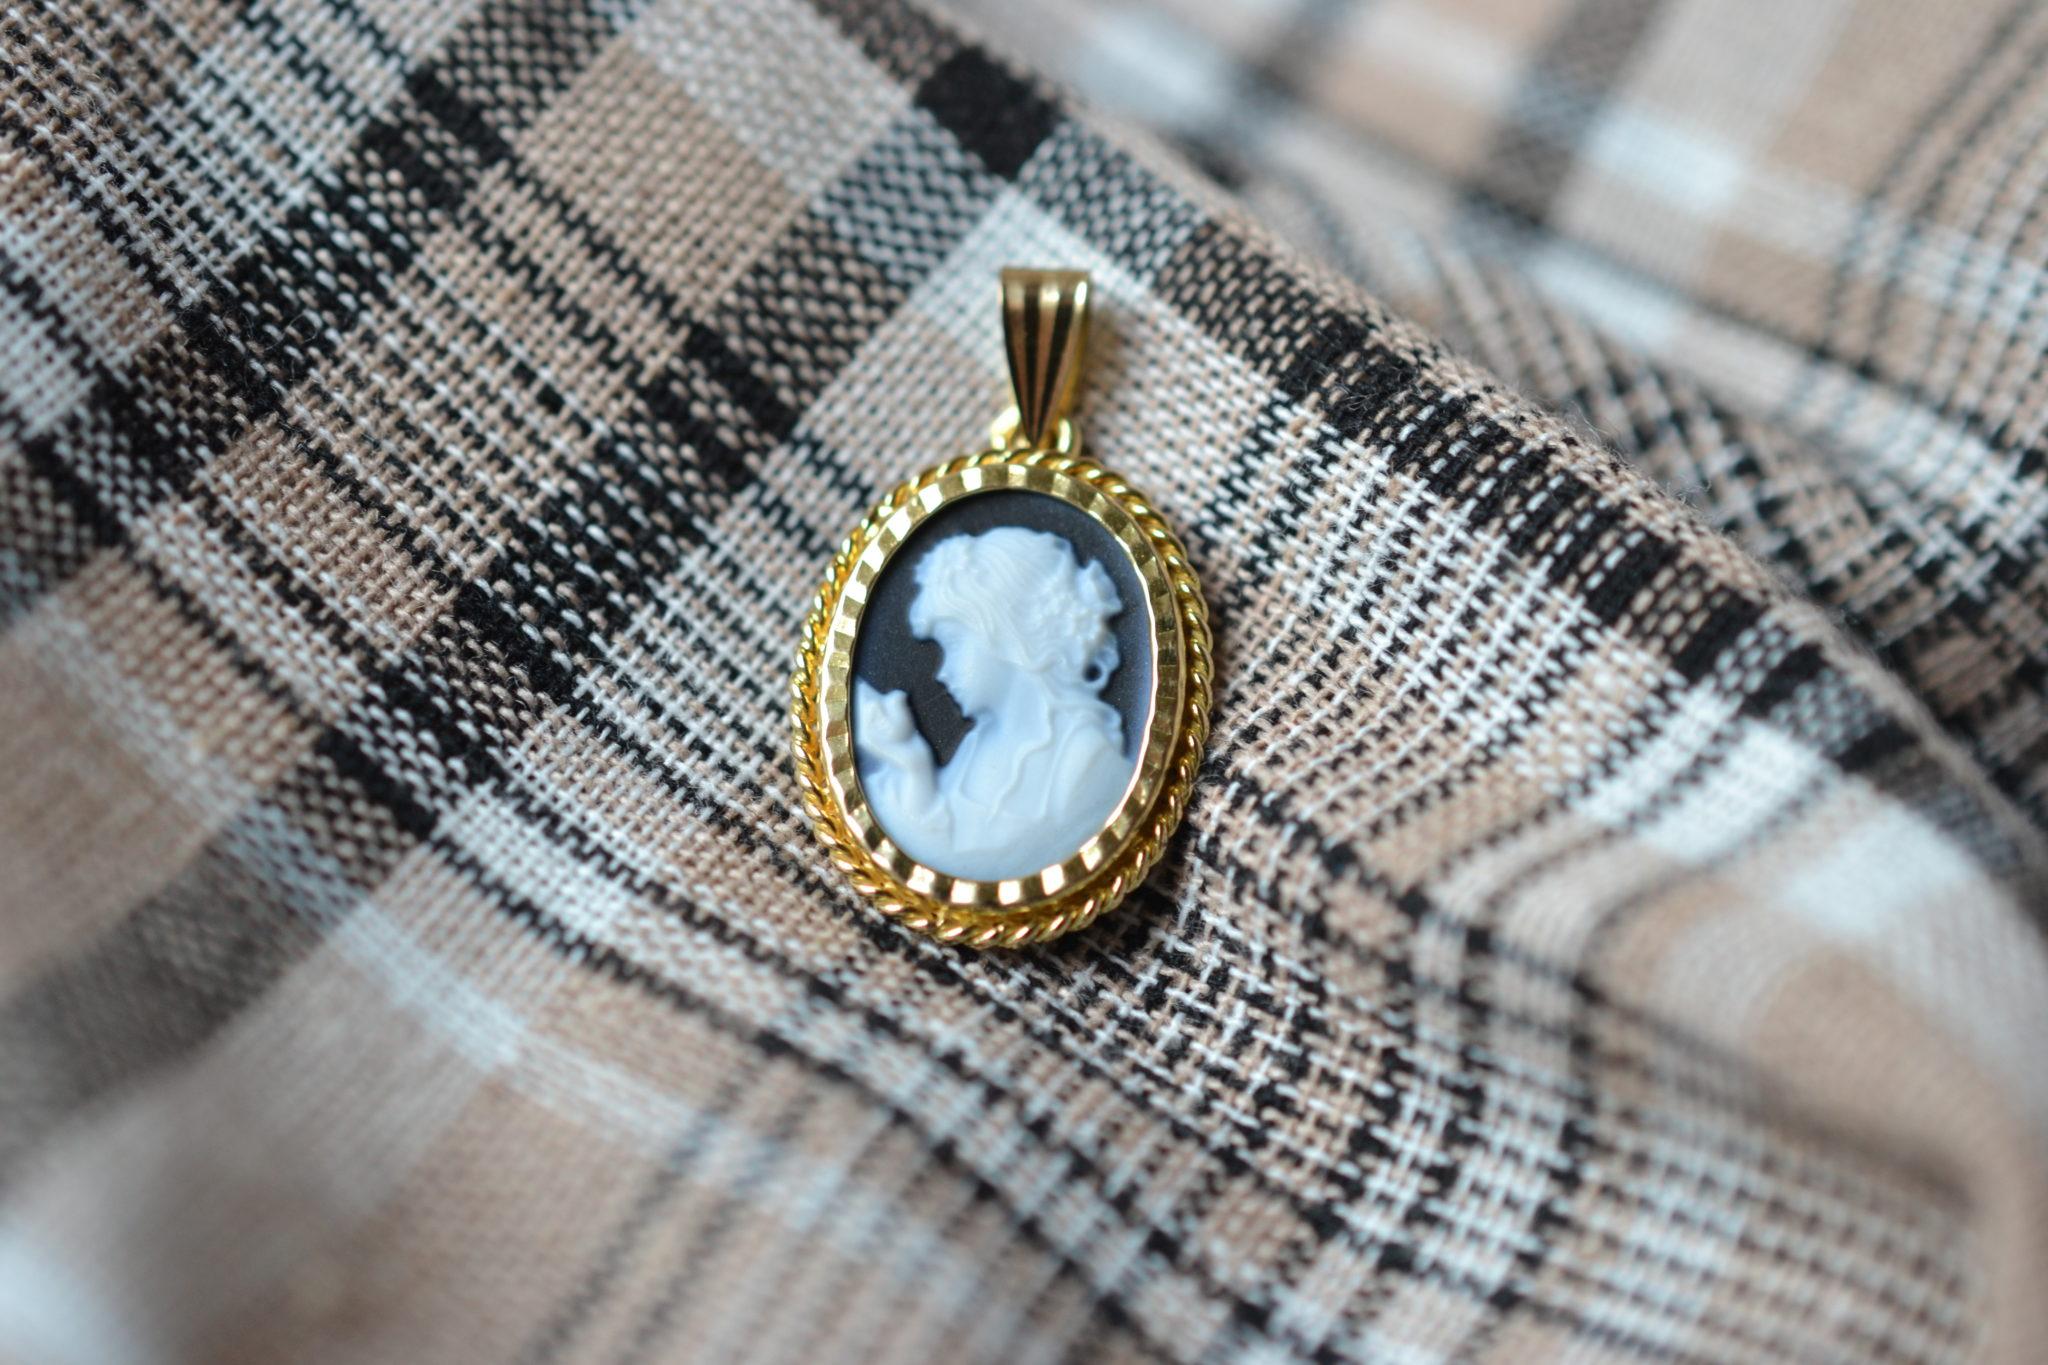 Pendentif en Or jaune serti d_un camée au profil de femme sur une plaque d'Onyx - bijou Vintage